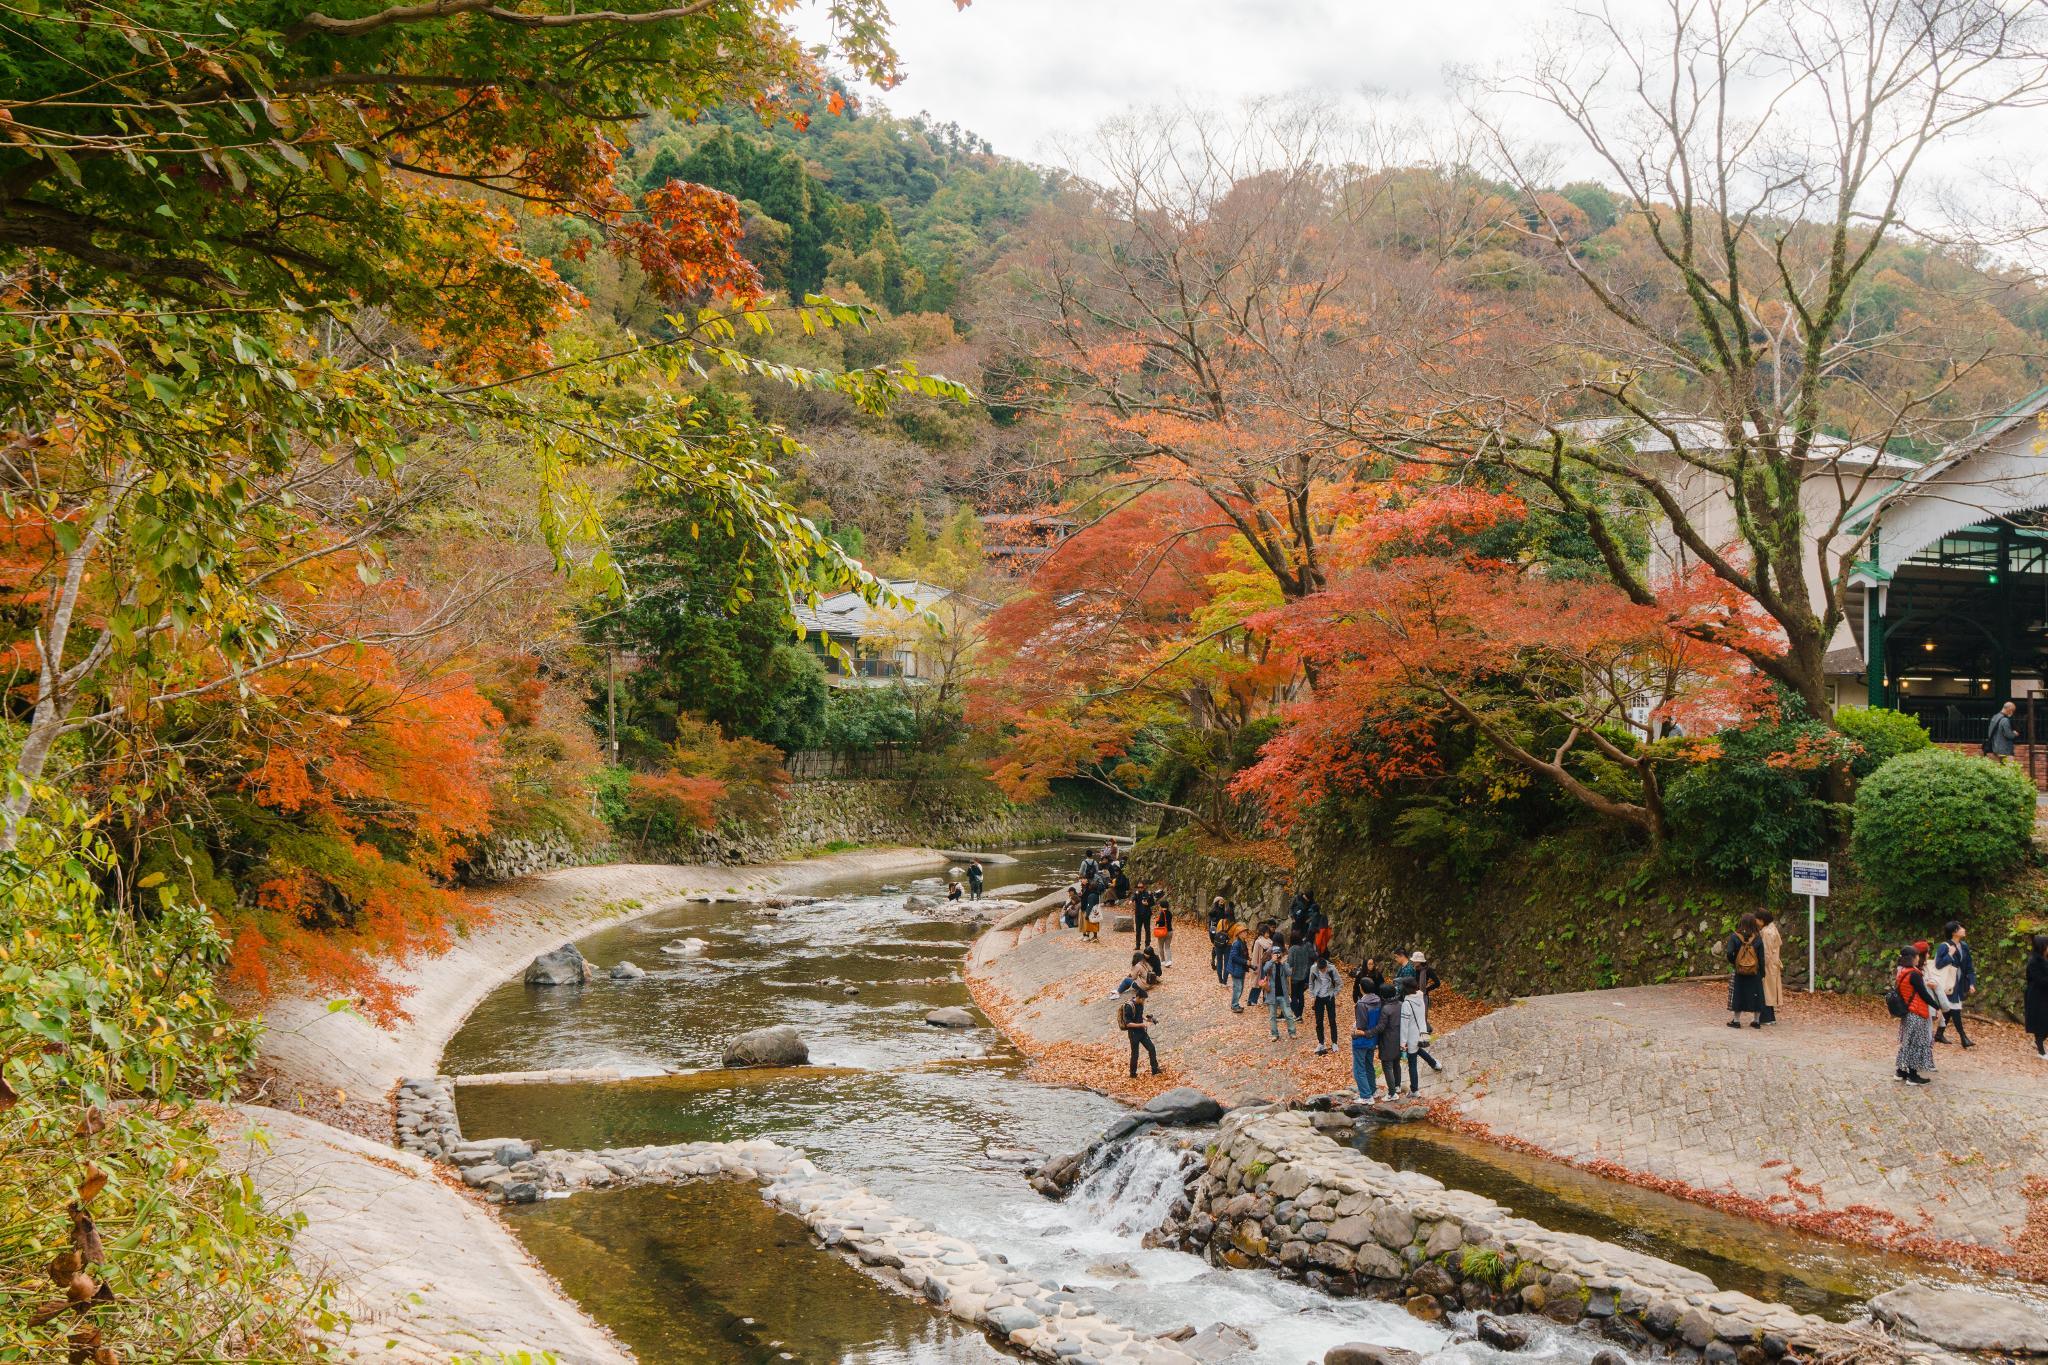 【京都】如夢似幻的琉璃光影 - 八瀨琉璃光院 67